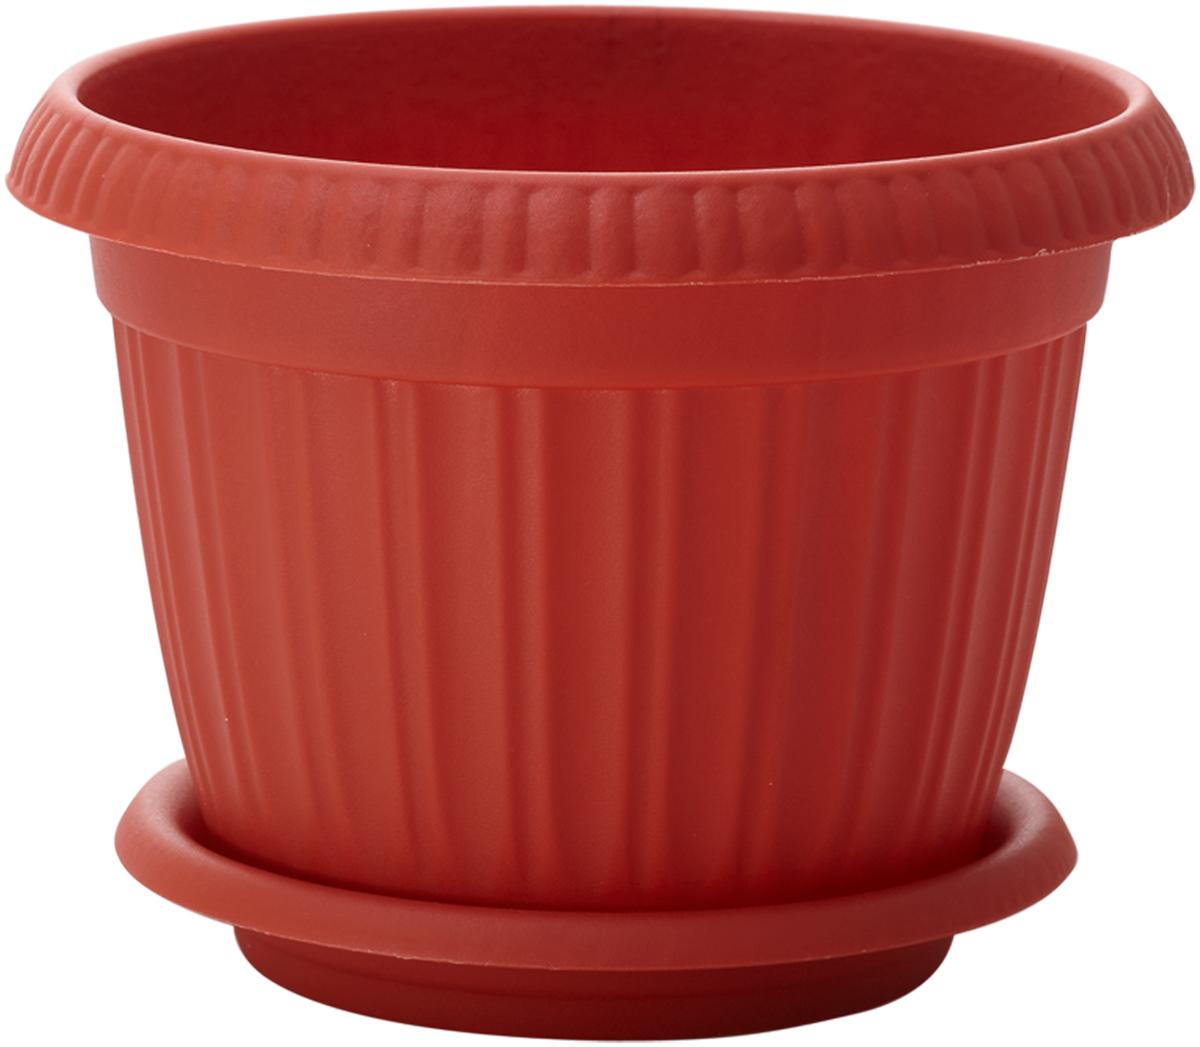 Горшок для цветов InGreen Таити, с подставкой, цвет: терракотовый, диаметр 18 смZ-0307Горшок InGreen Таити выполнен из высококачественного полипропилена (пластика) и предназначен для выращивания цветов, растений и трав. Снабжен подставкой для стока воды.Такой горшок порадует вас функциональностью, а благодаря лаконичному дизайну впишется в любой интерьер помещения.Диаметр горшка (по верхнему краю): 18 см. Высота горшка: 13,8 см.